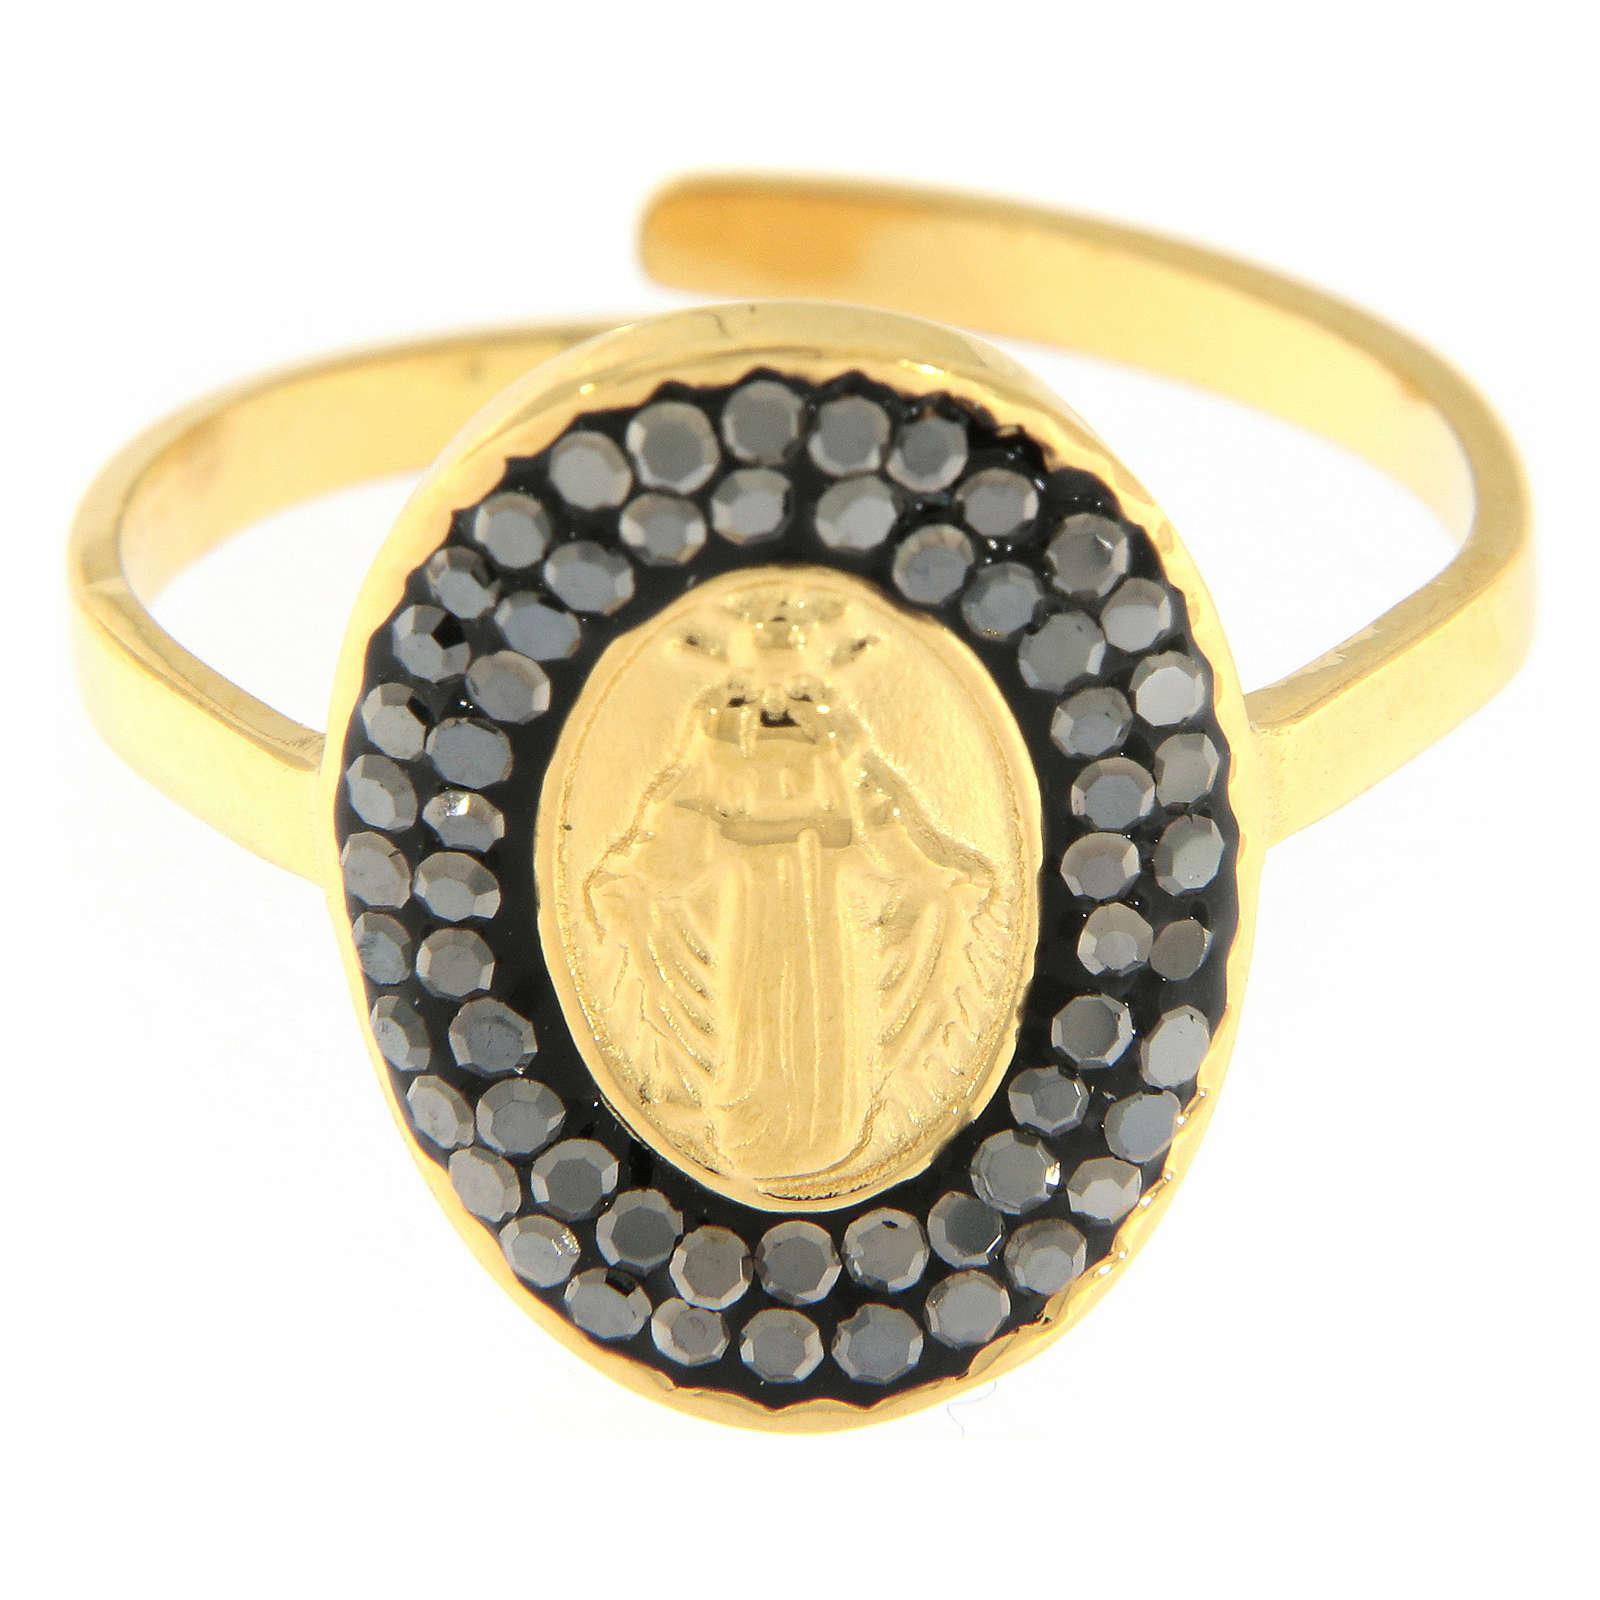 Anello acciaio dorato Madonna Medjugorje dorata con brillantini neri 4